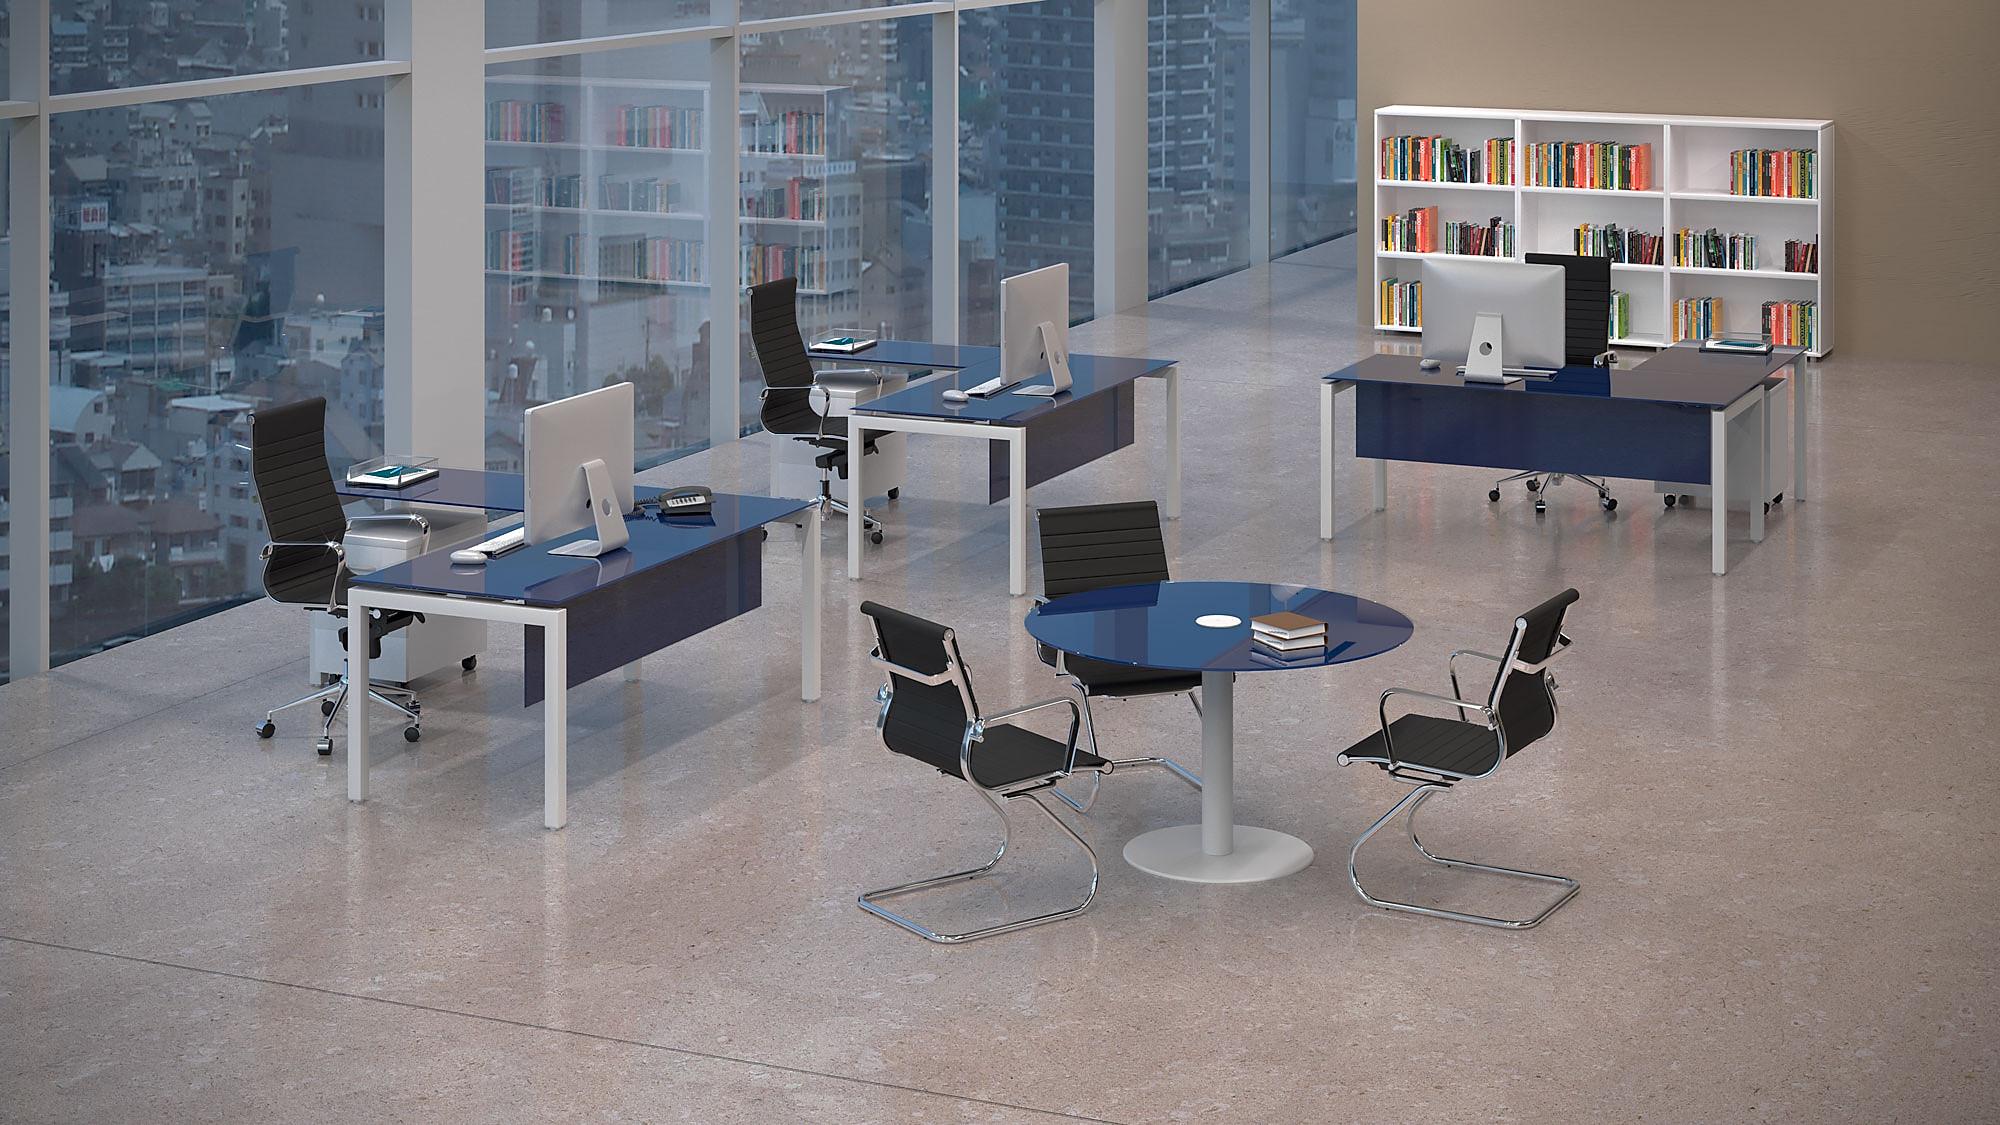 infografía 3d ambiente oficina